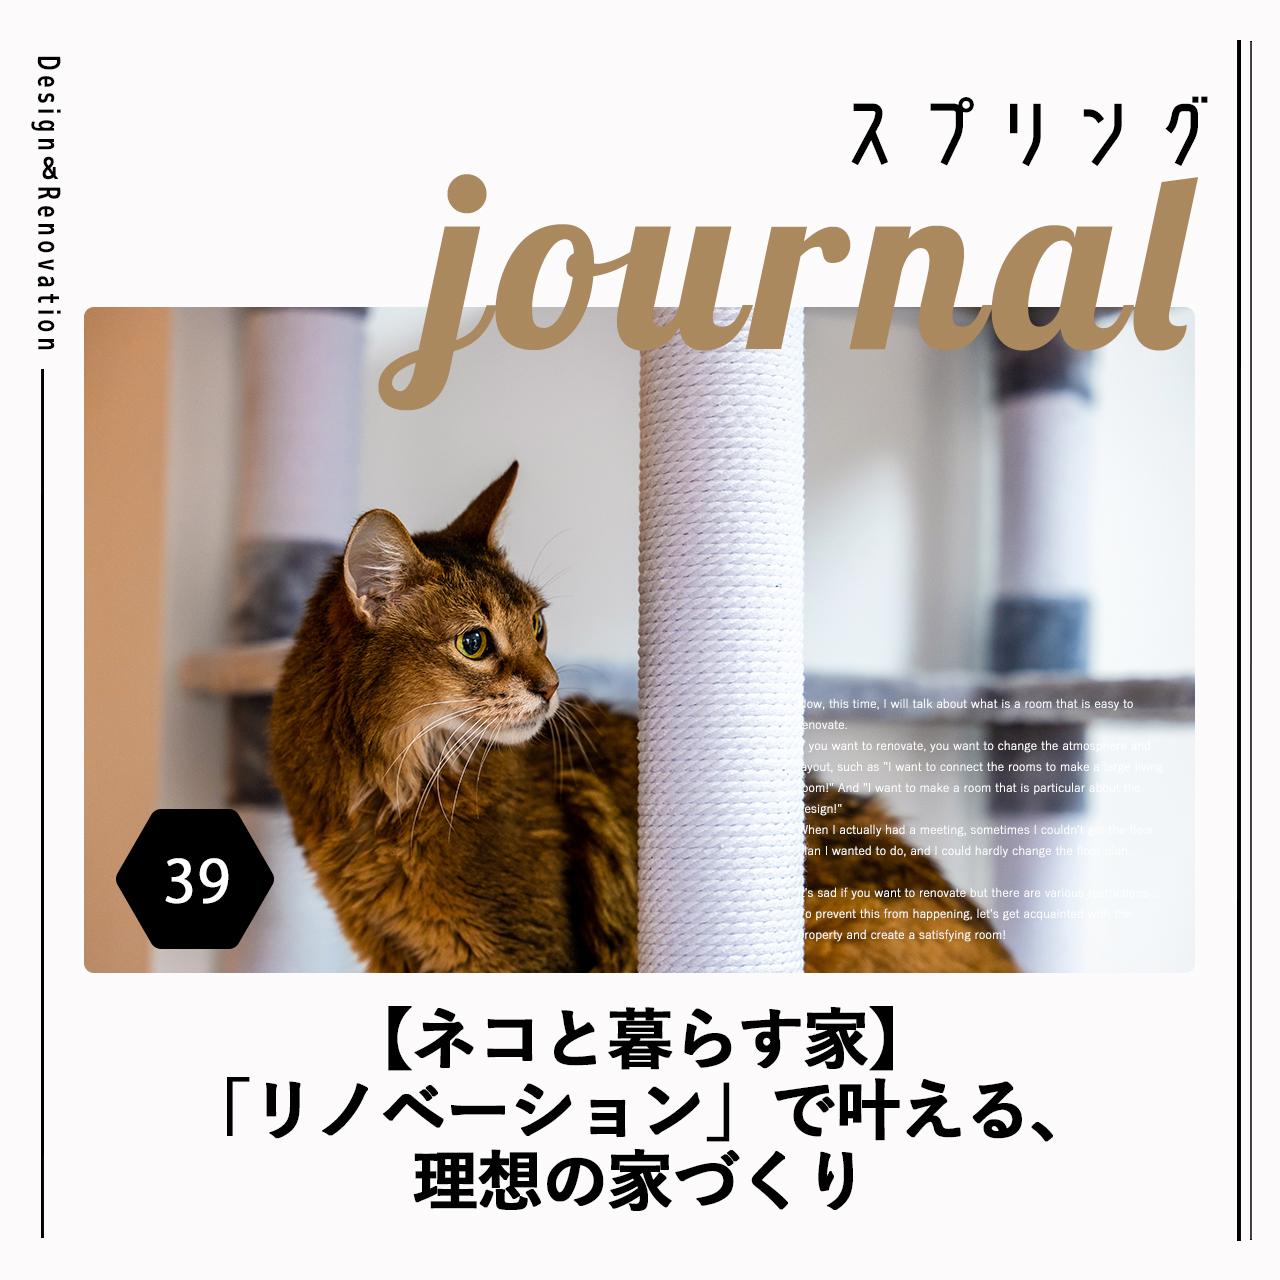 【ネコと暮らす家】「リノベーション」で叶える、理想の家づくり